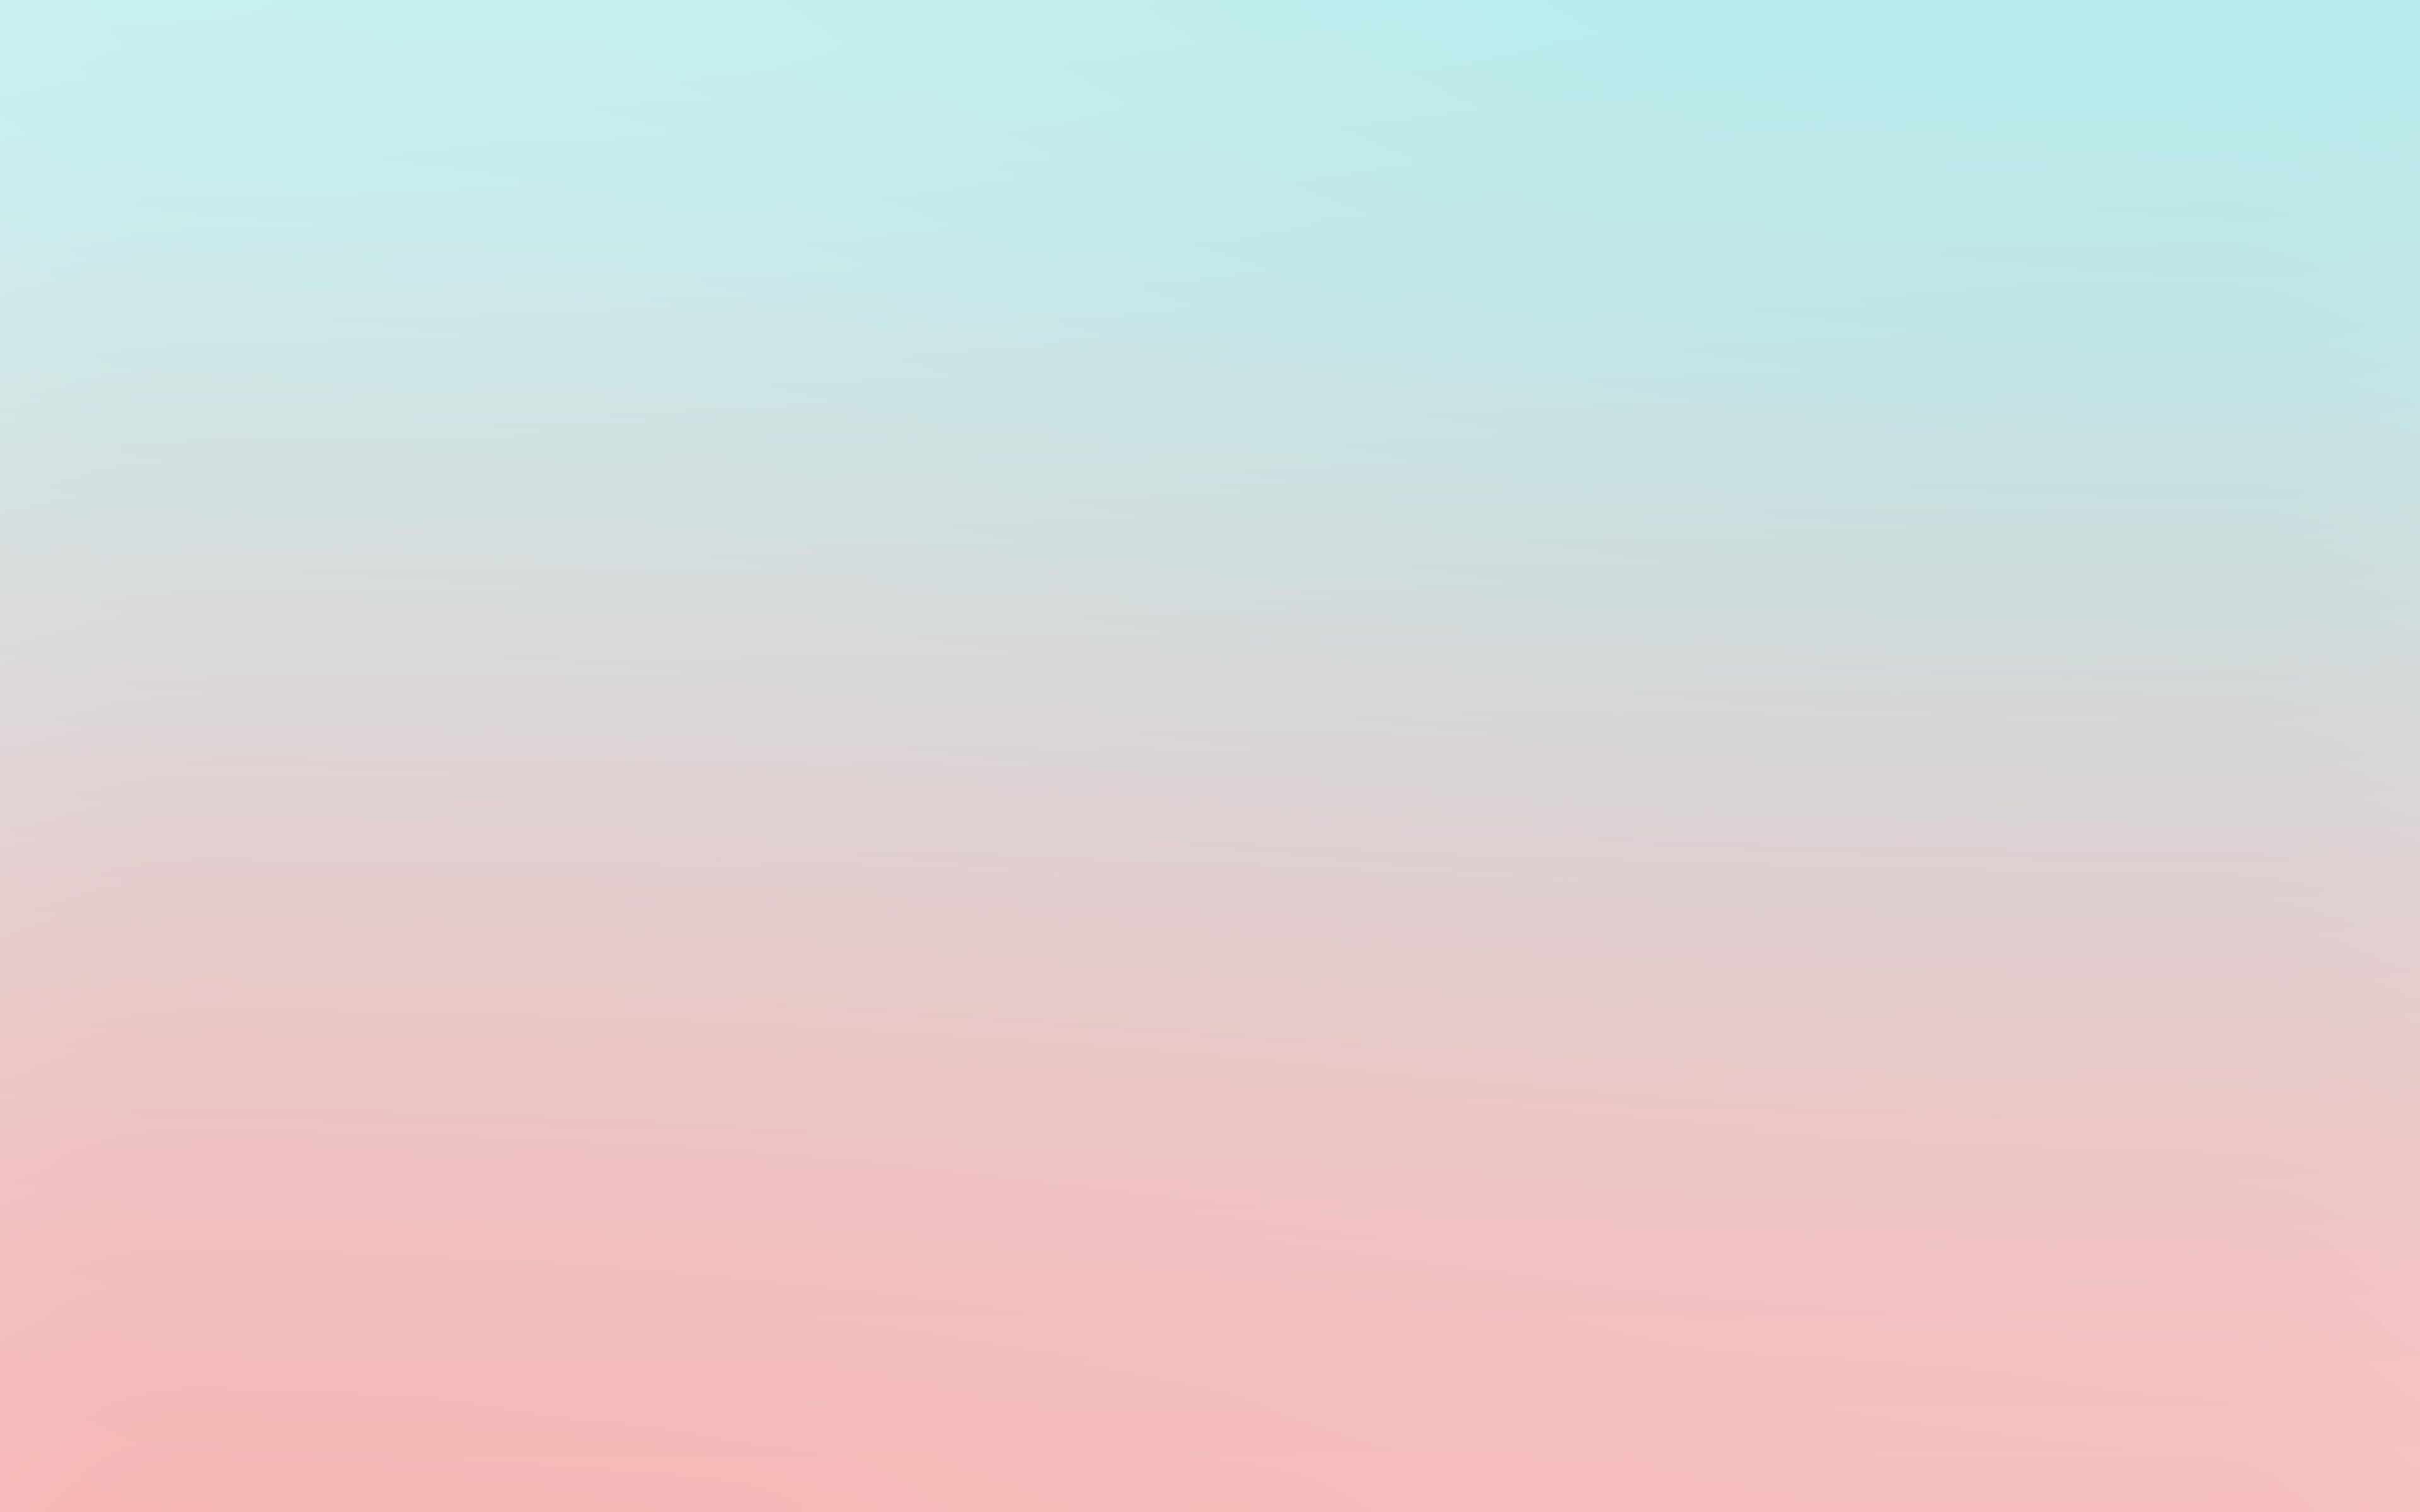 Ipad Wallpaper Minimalist